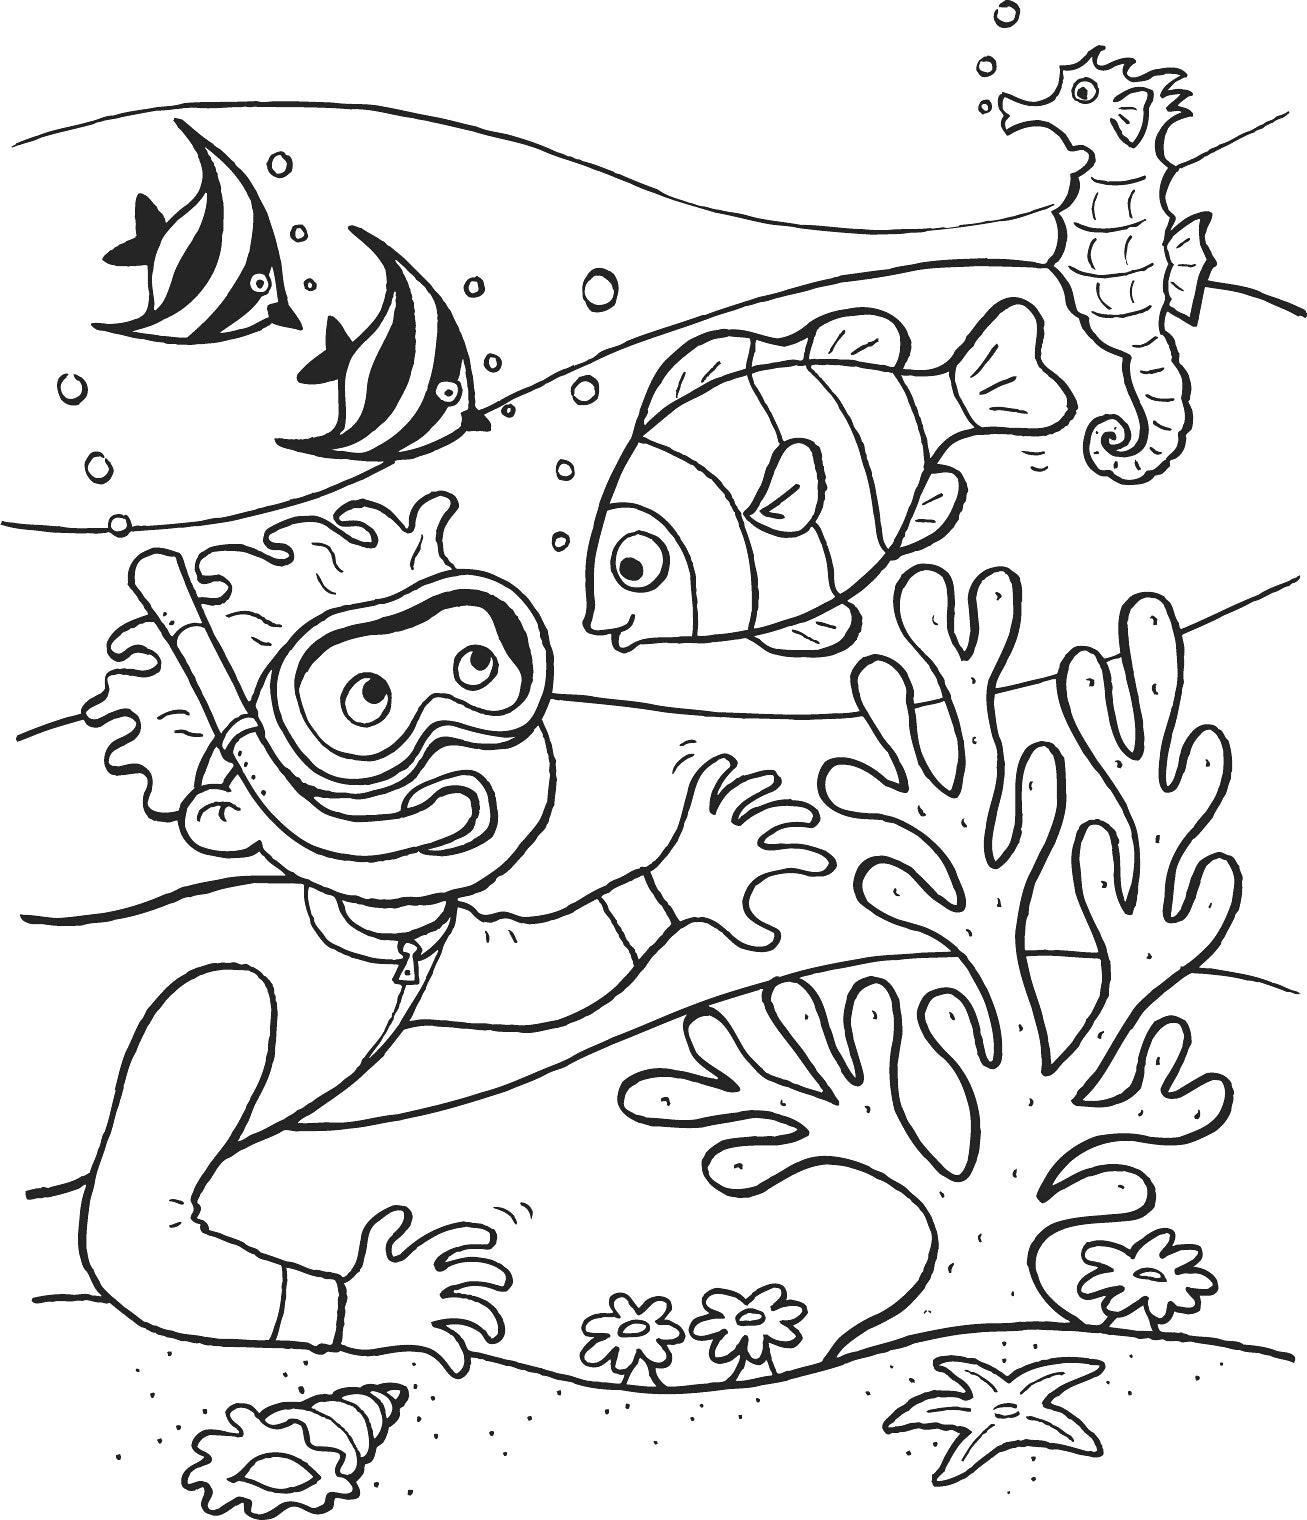 Underwater Scene Drawing At Getdrawings